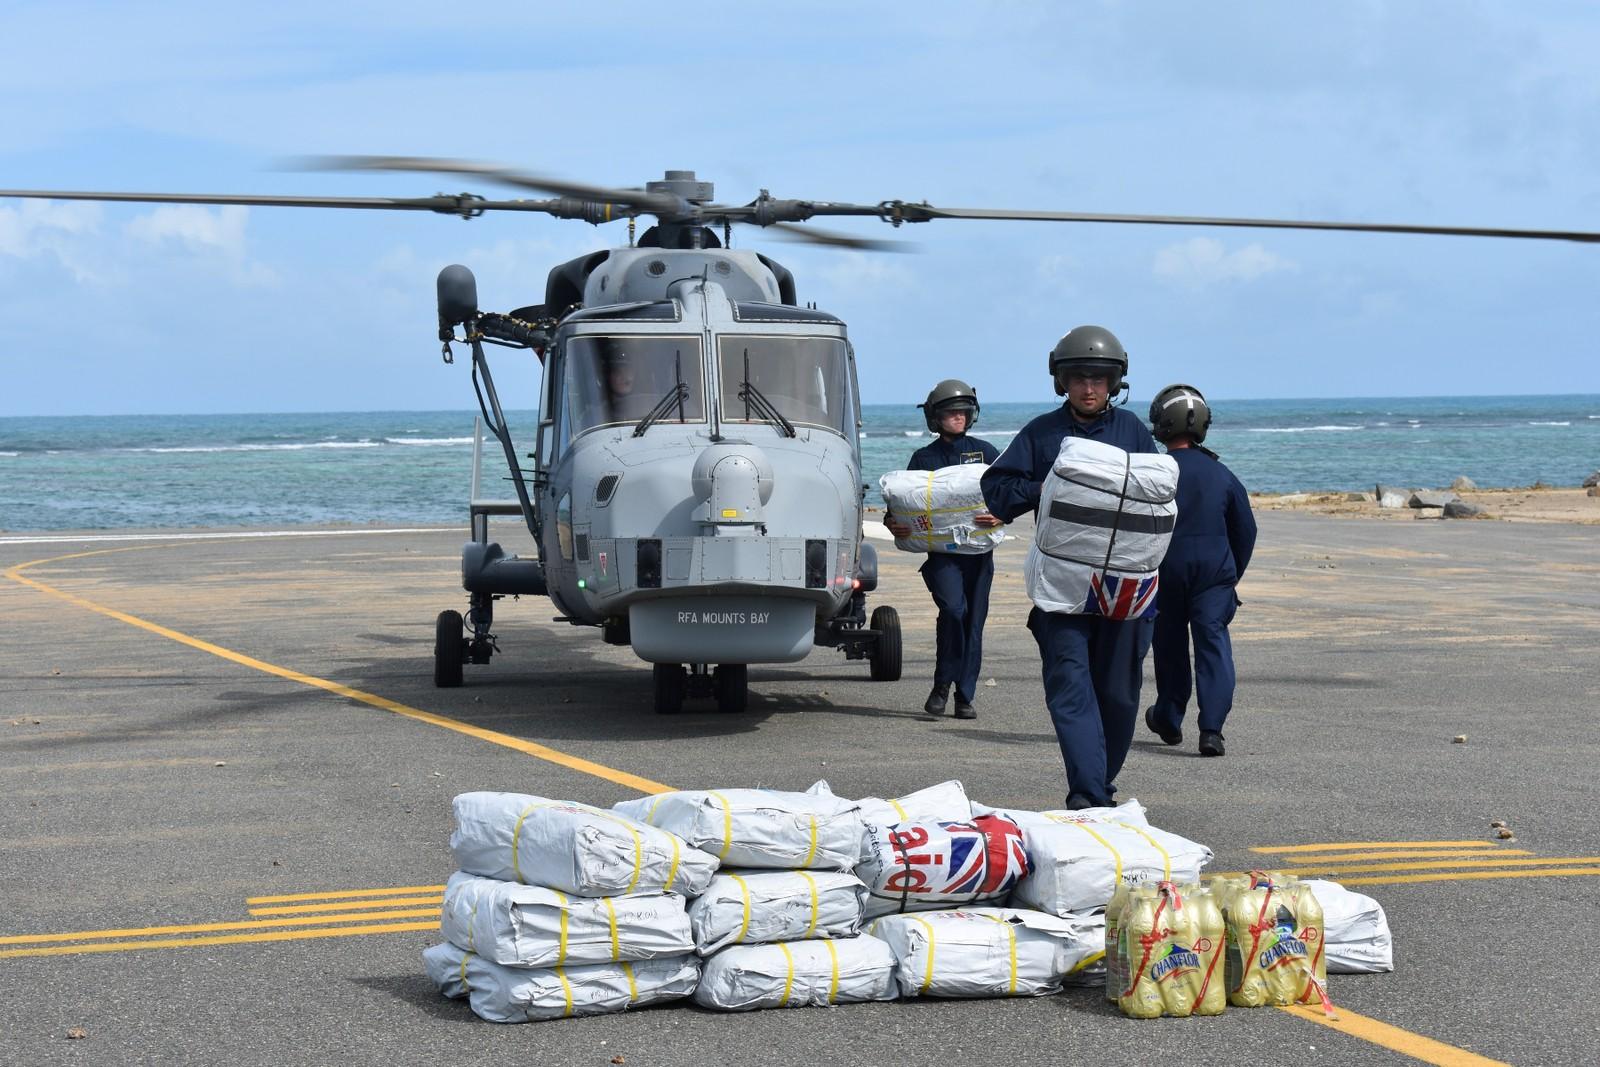 Hjelpemannskapet bidrar med forsyninger til de rammede.